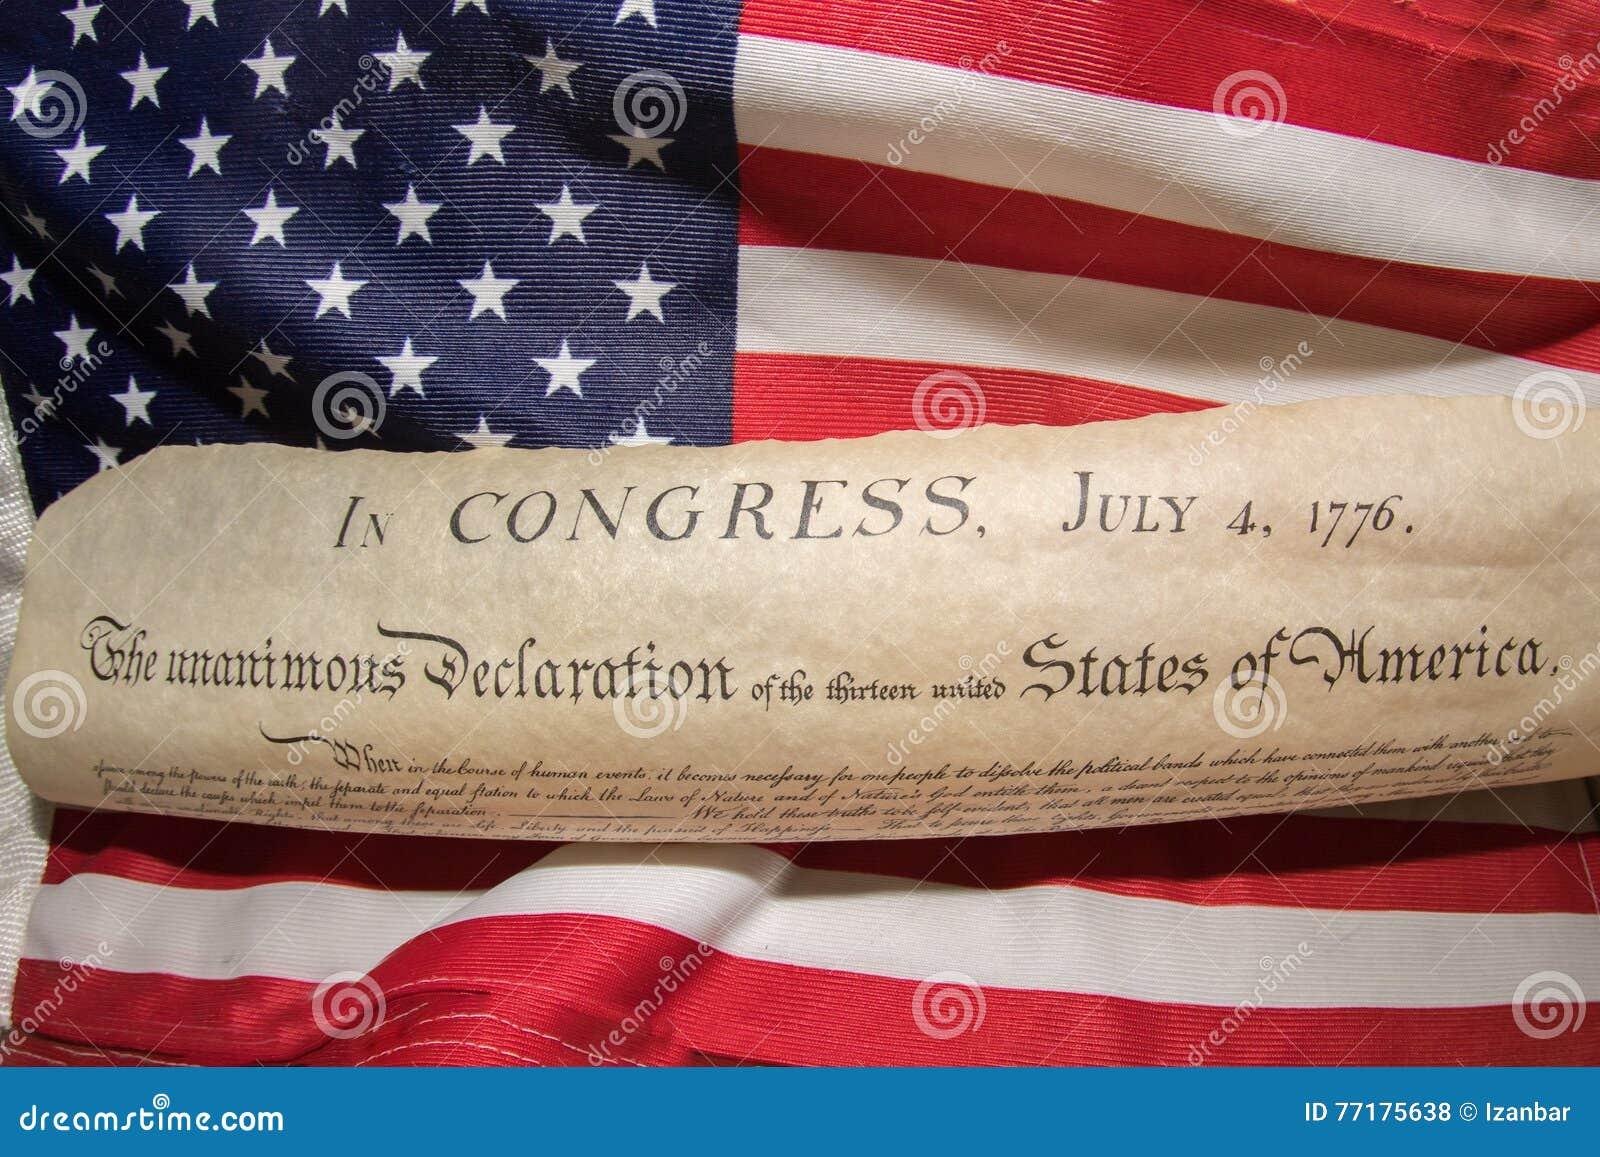 Unabhängigkeitserklärung am 4. Juli 1776 auf USA-Flagge